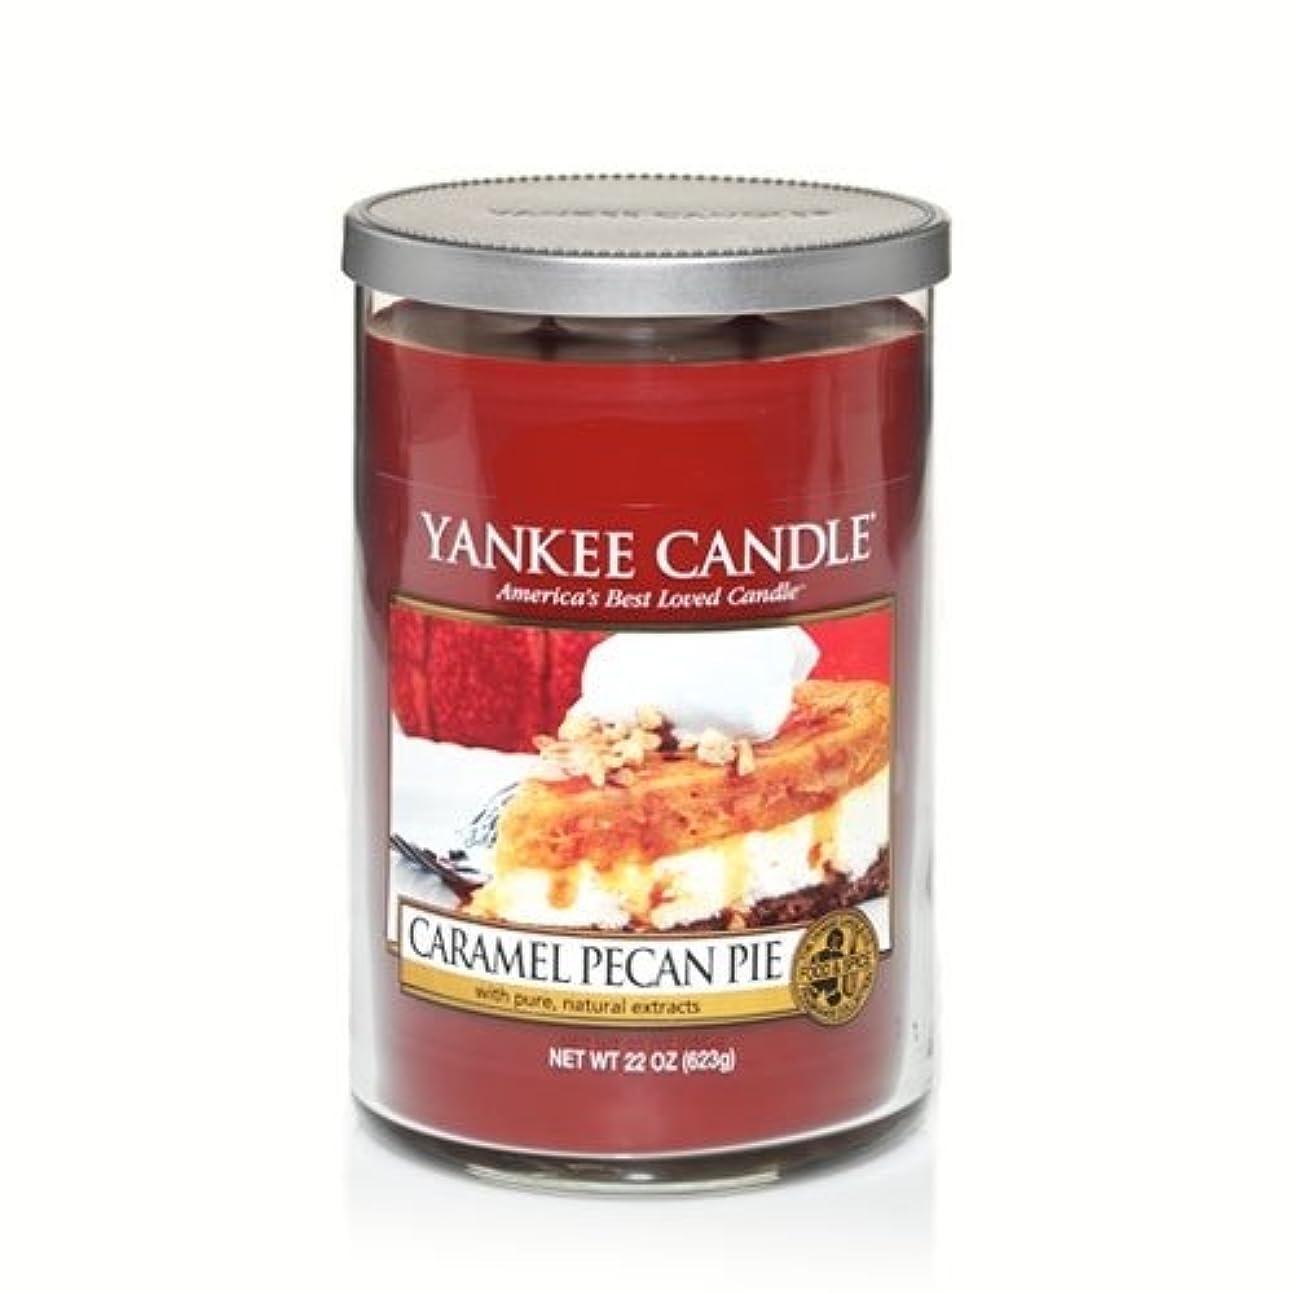 不誠実キモい第Yankee Candle Caramel Pecan Pie , Food & Spice香り Large Tumbler Candles 1245593-YC